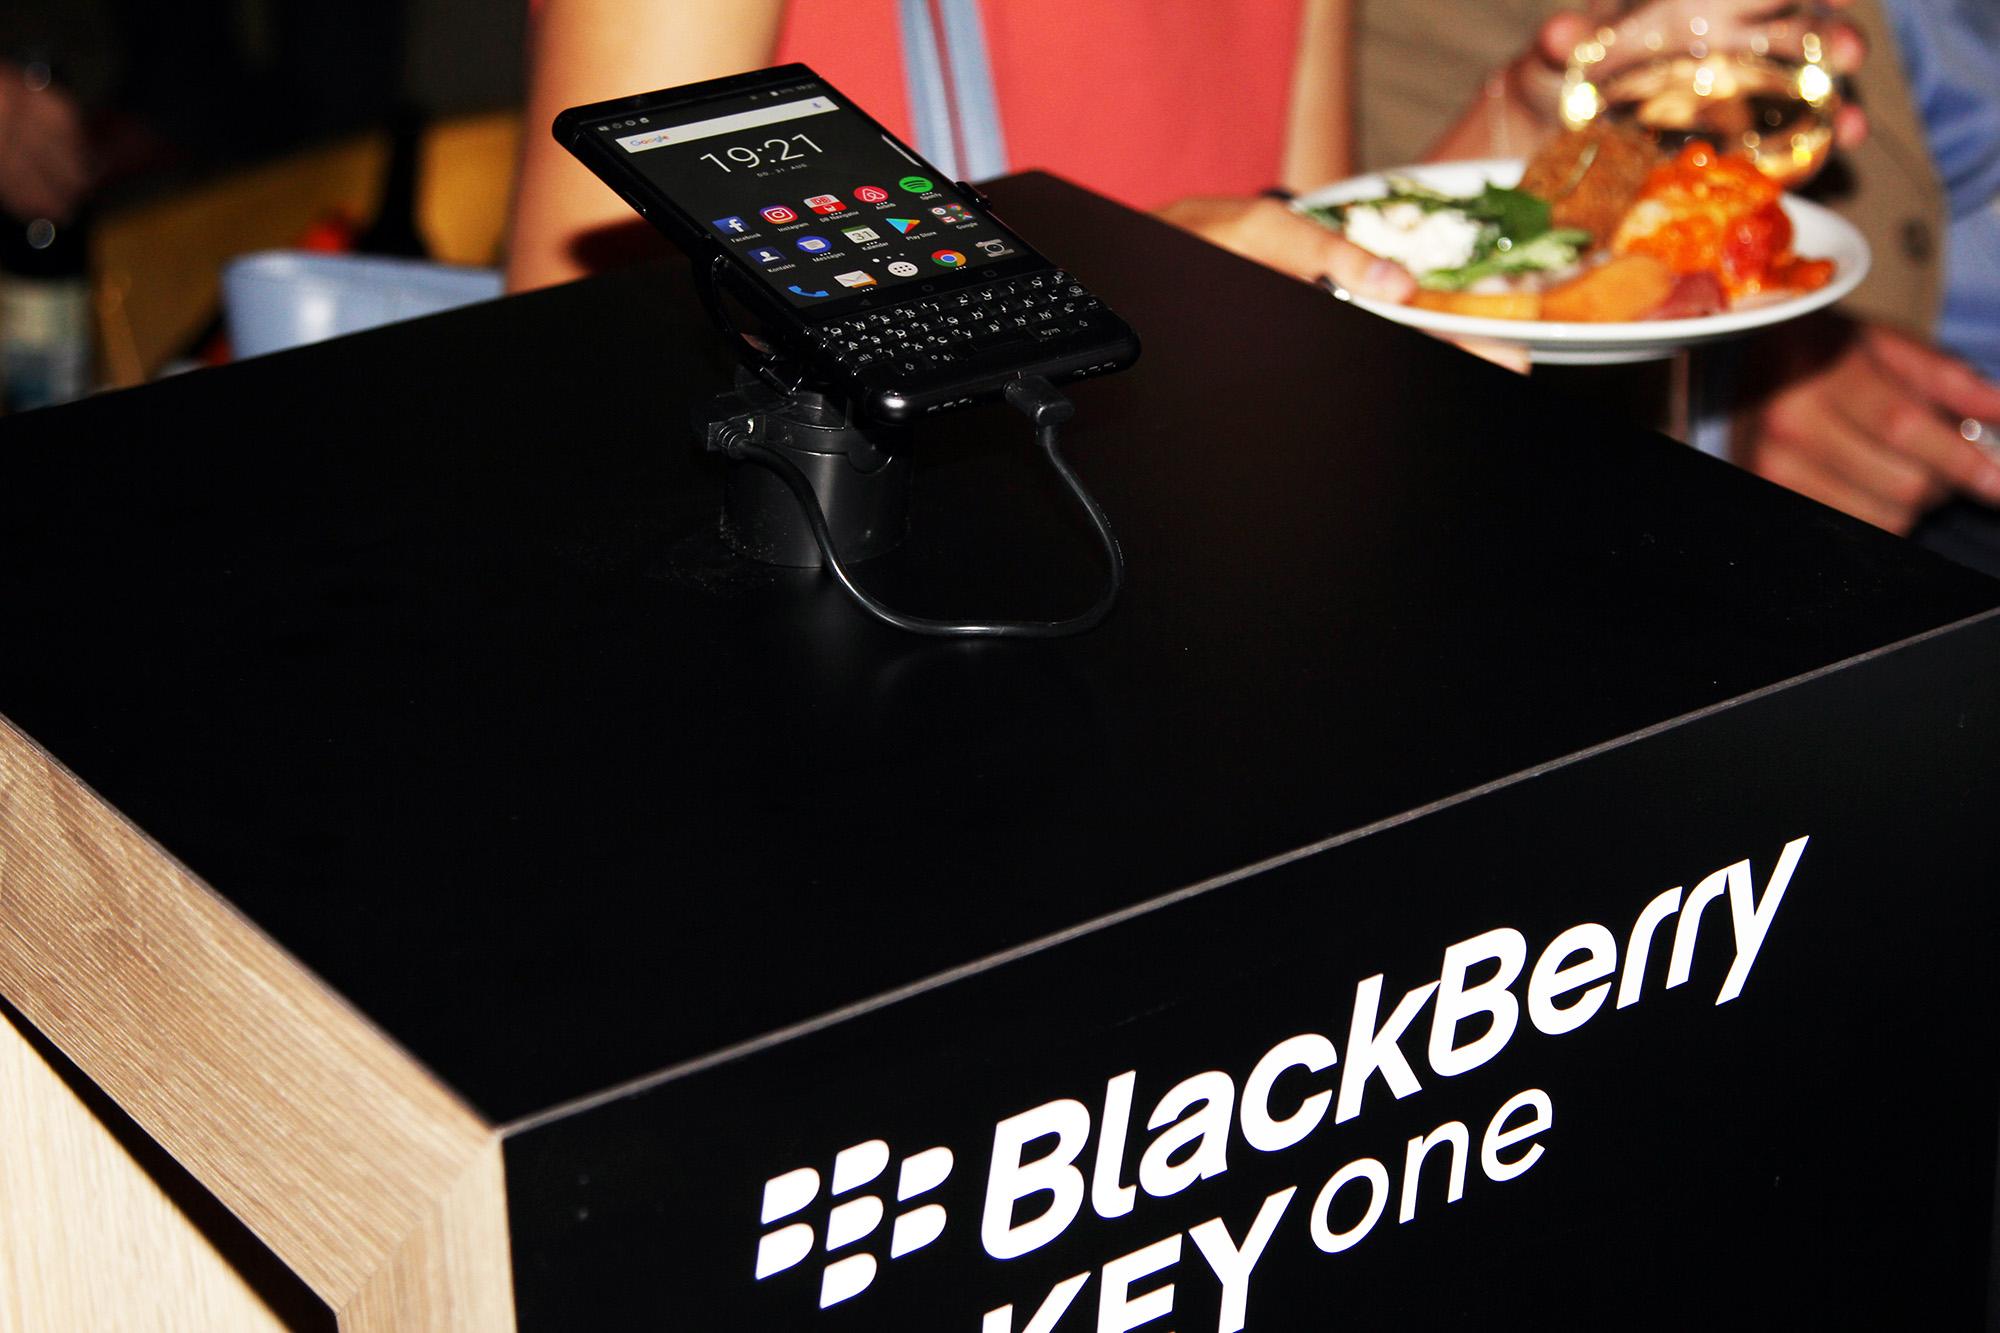 BlackBerry KEYone Black Edition станет доступен в Европе, Азии, на Ближнем Востоке и в Северной Америке